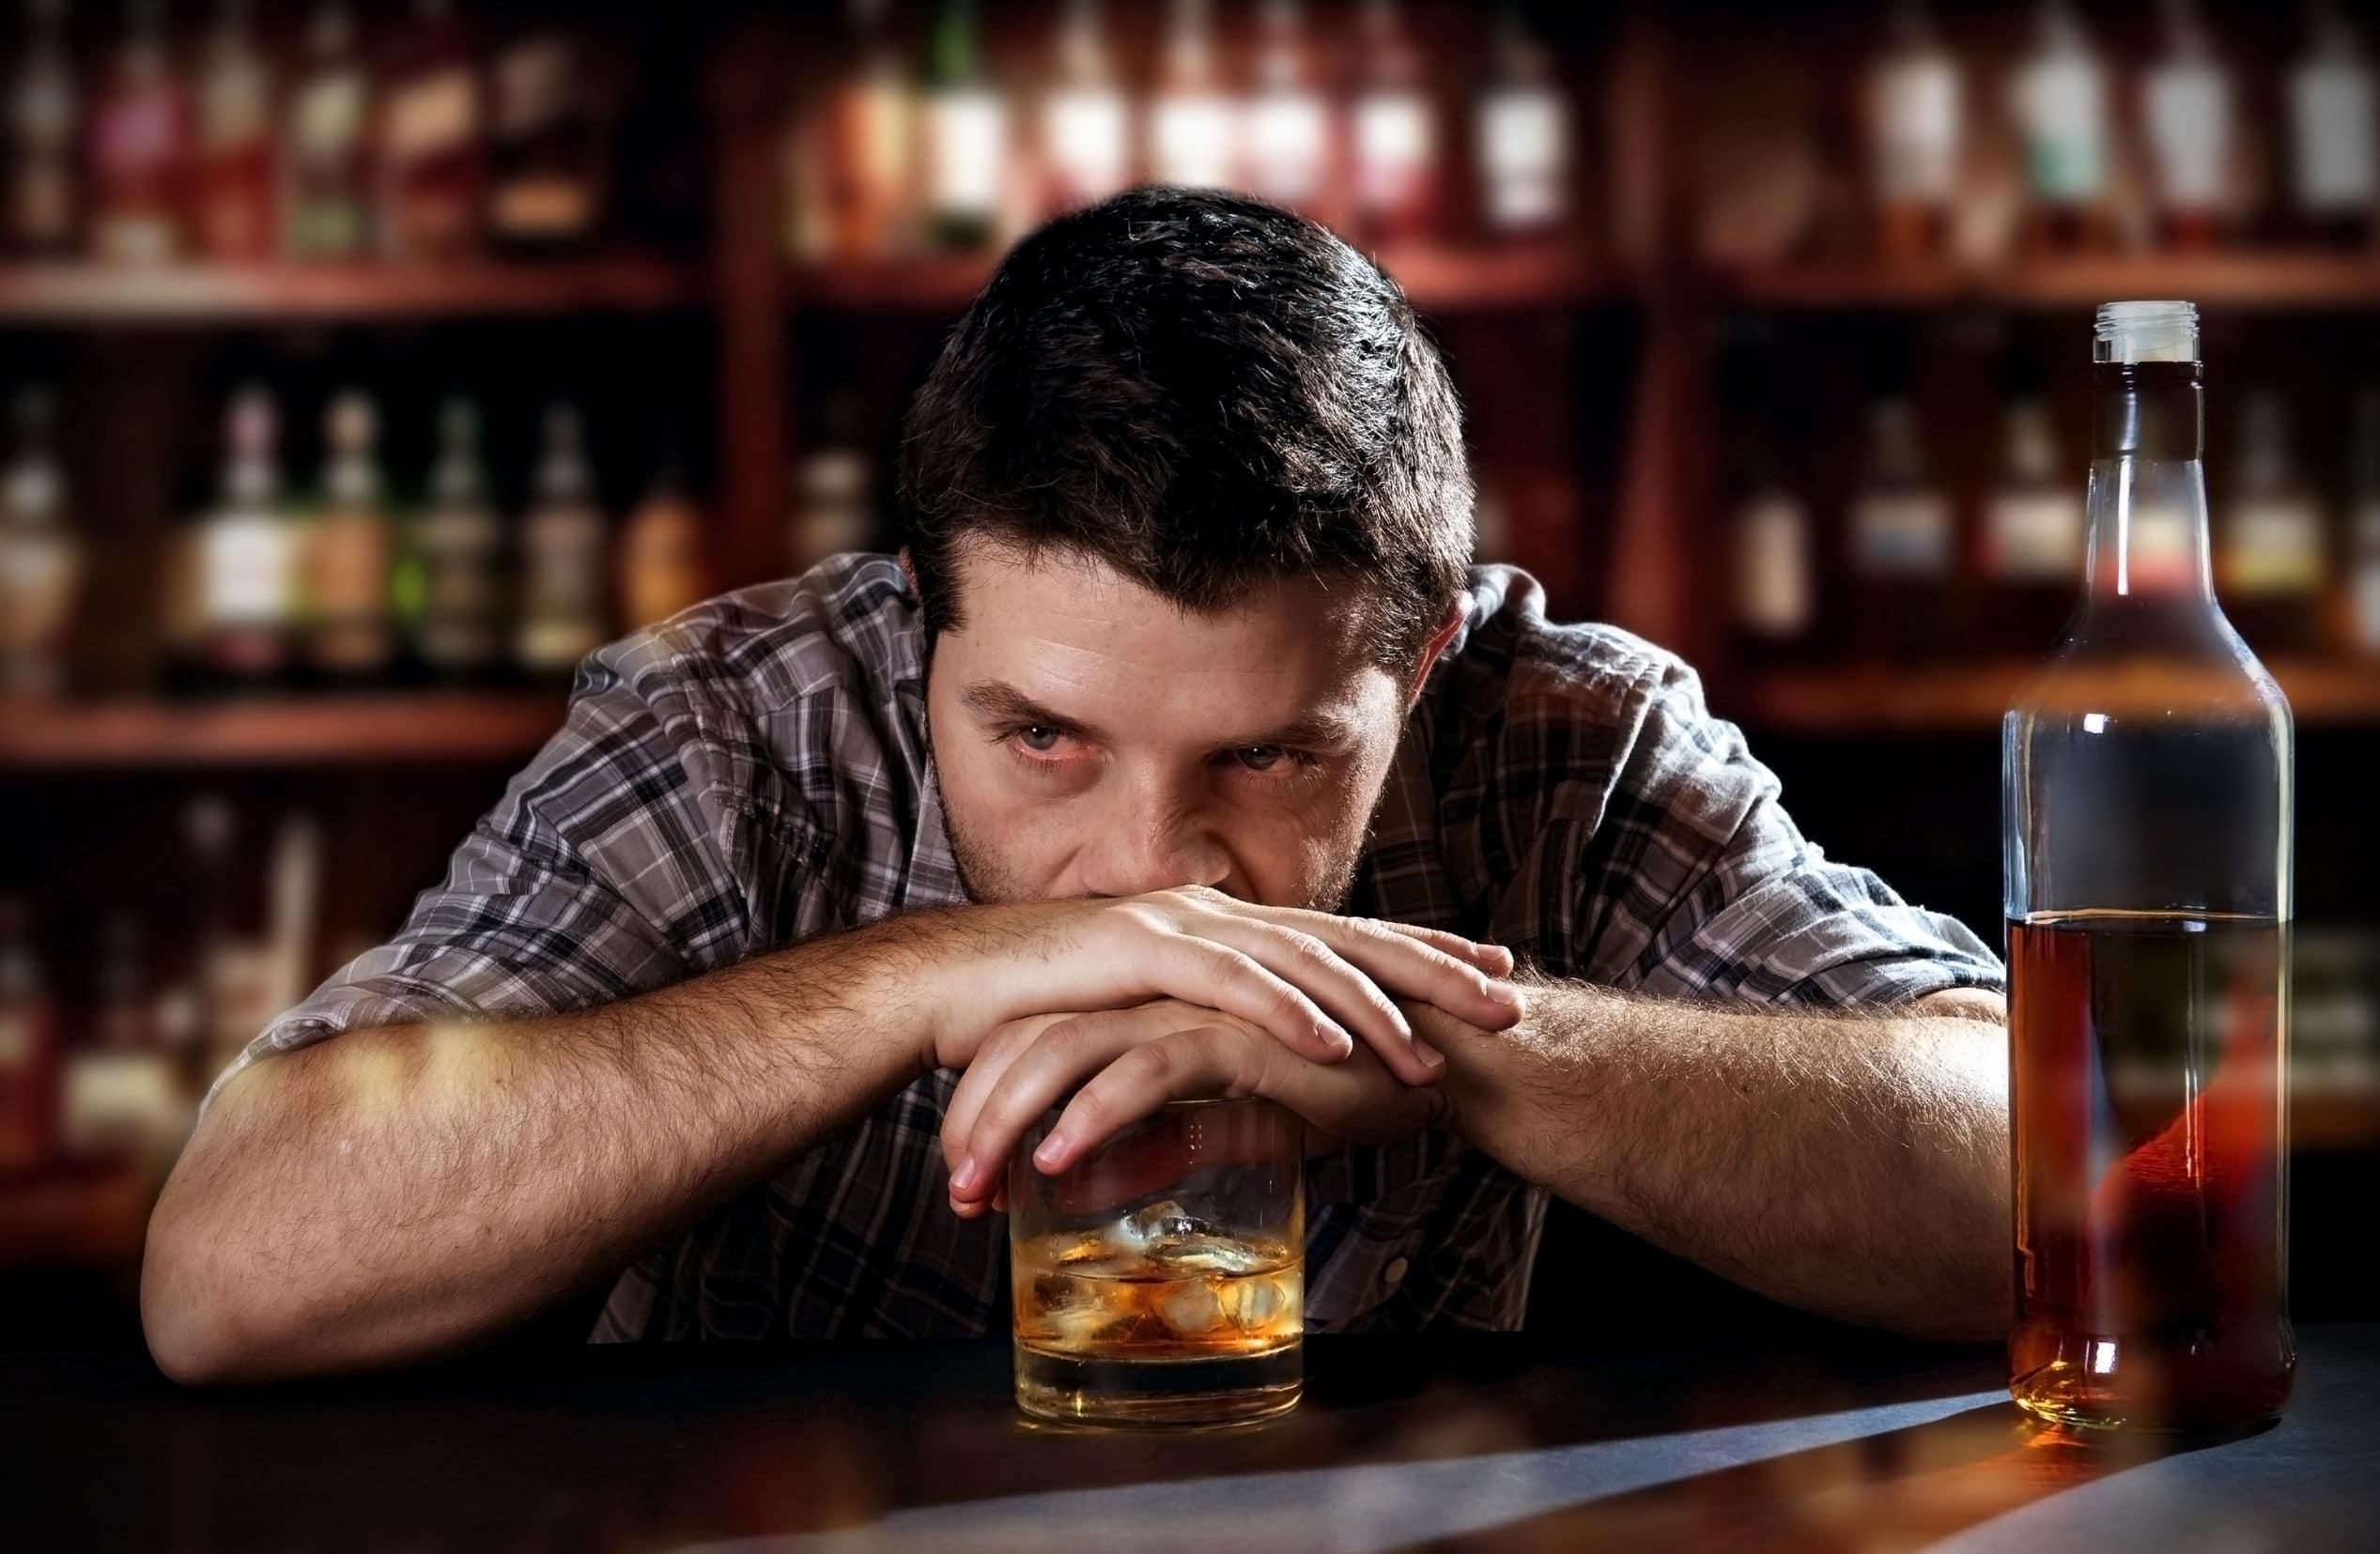 Jovem bebendo álcool pensando no vício. Está em um bar.